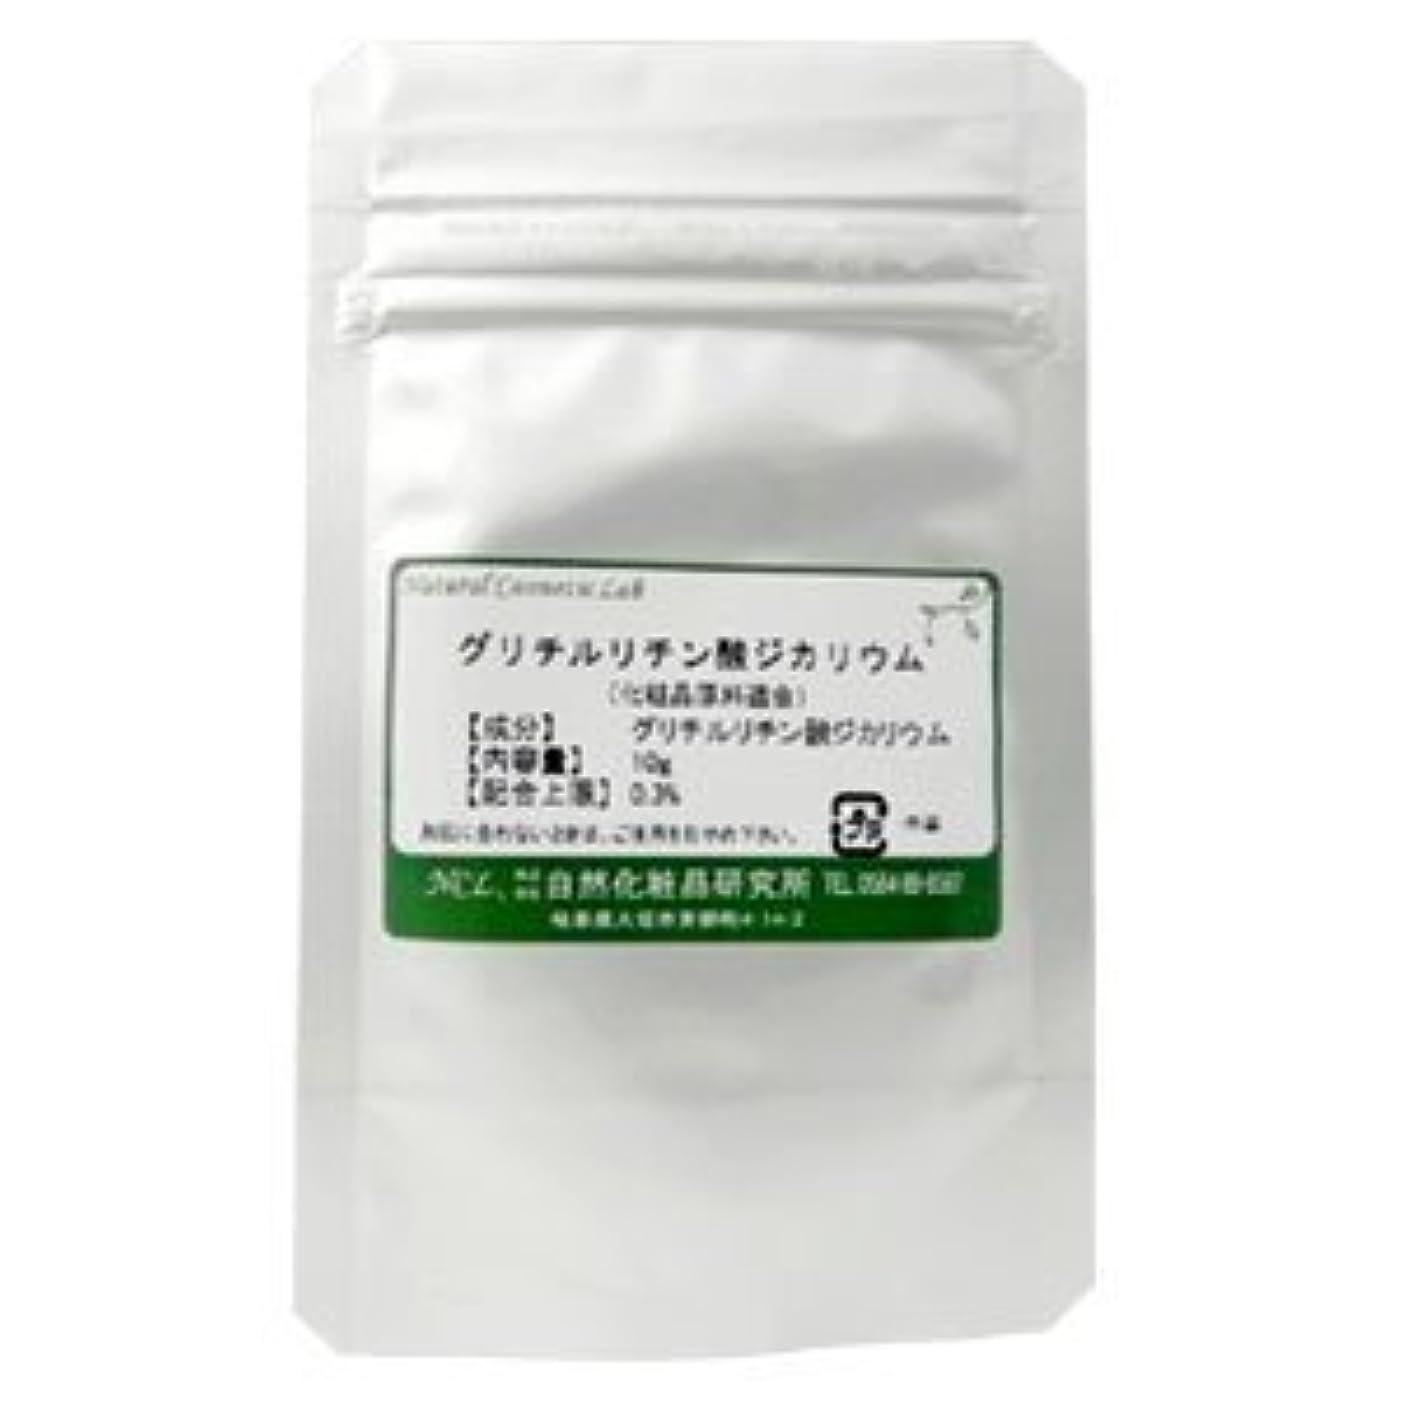 ファックスビデオ縁グリチルリチン酸ジカリウム (グリチルリチン酸2K) カンゾウ(甘草) 10g 【手作り化粧品原料】